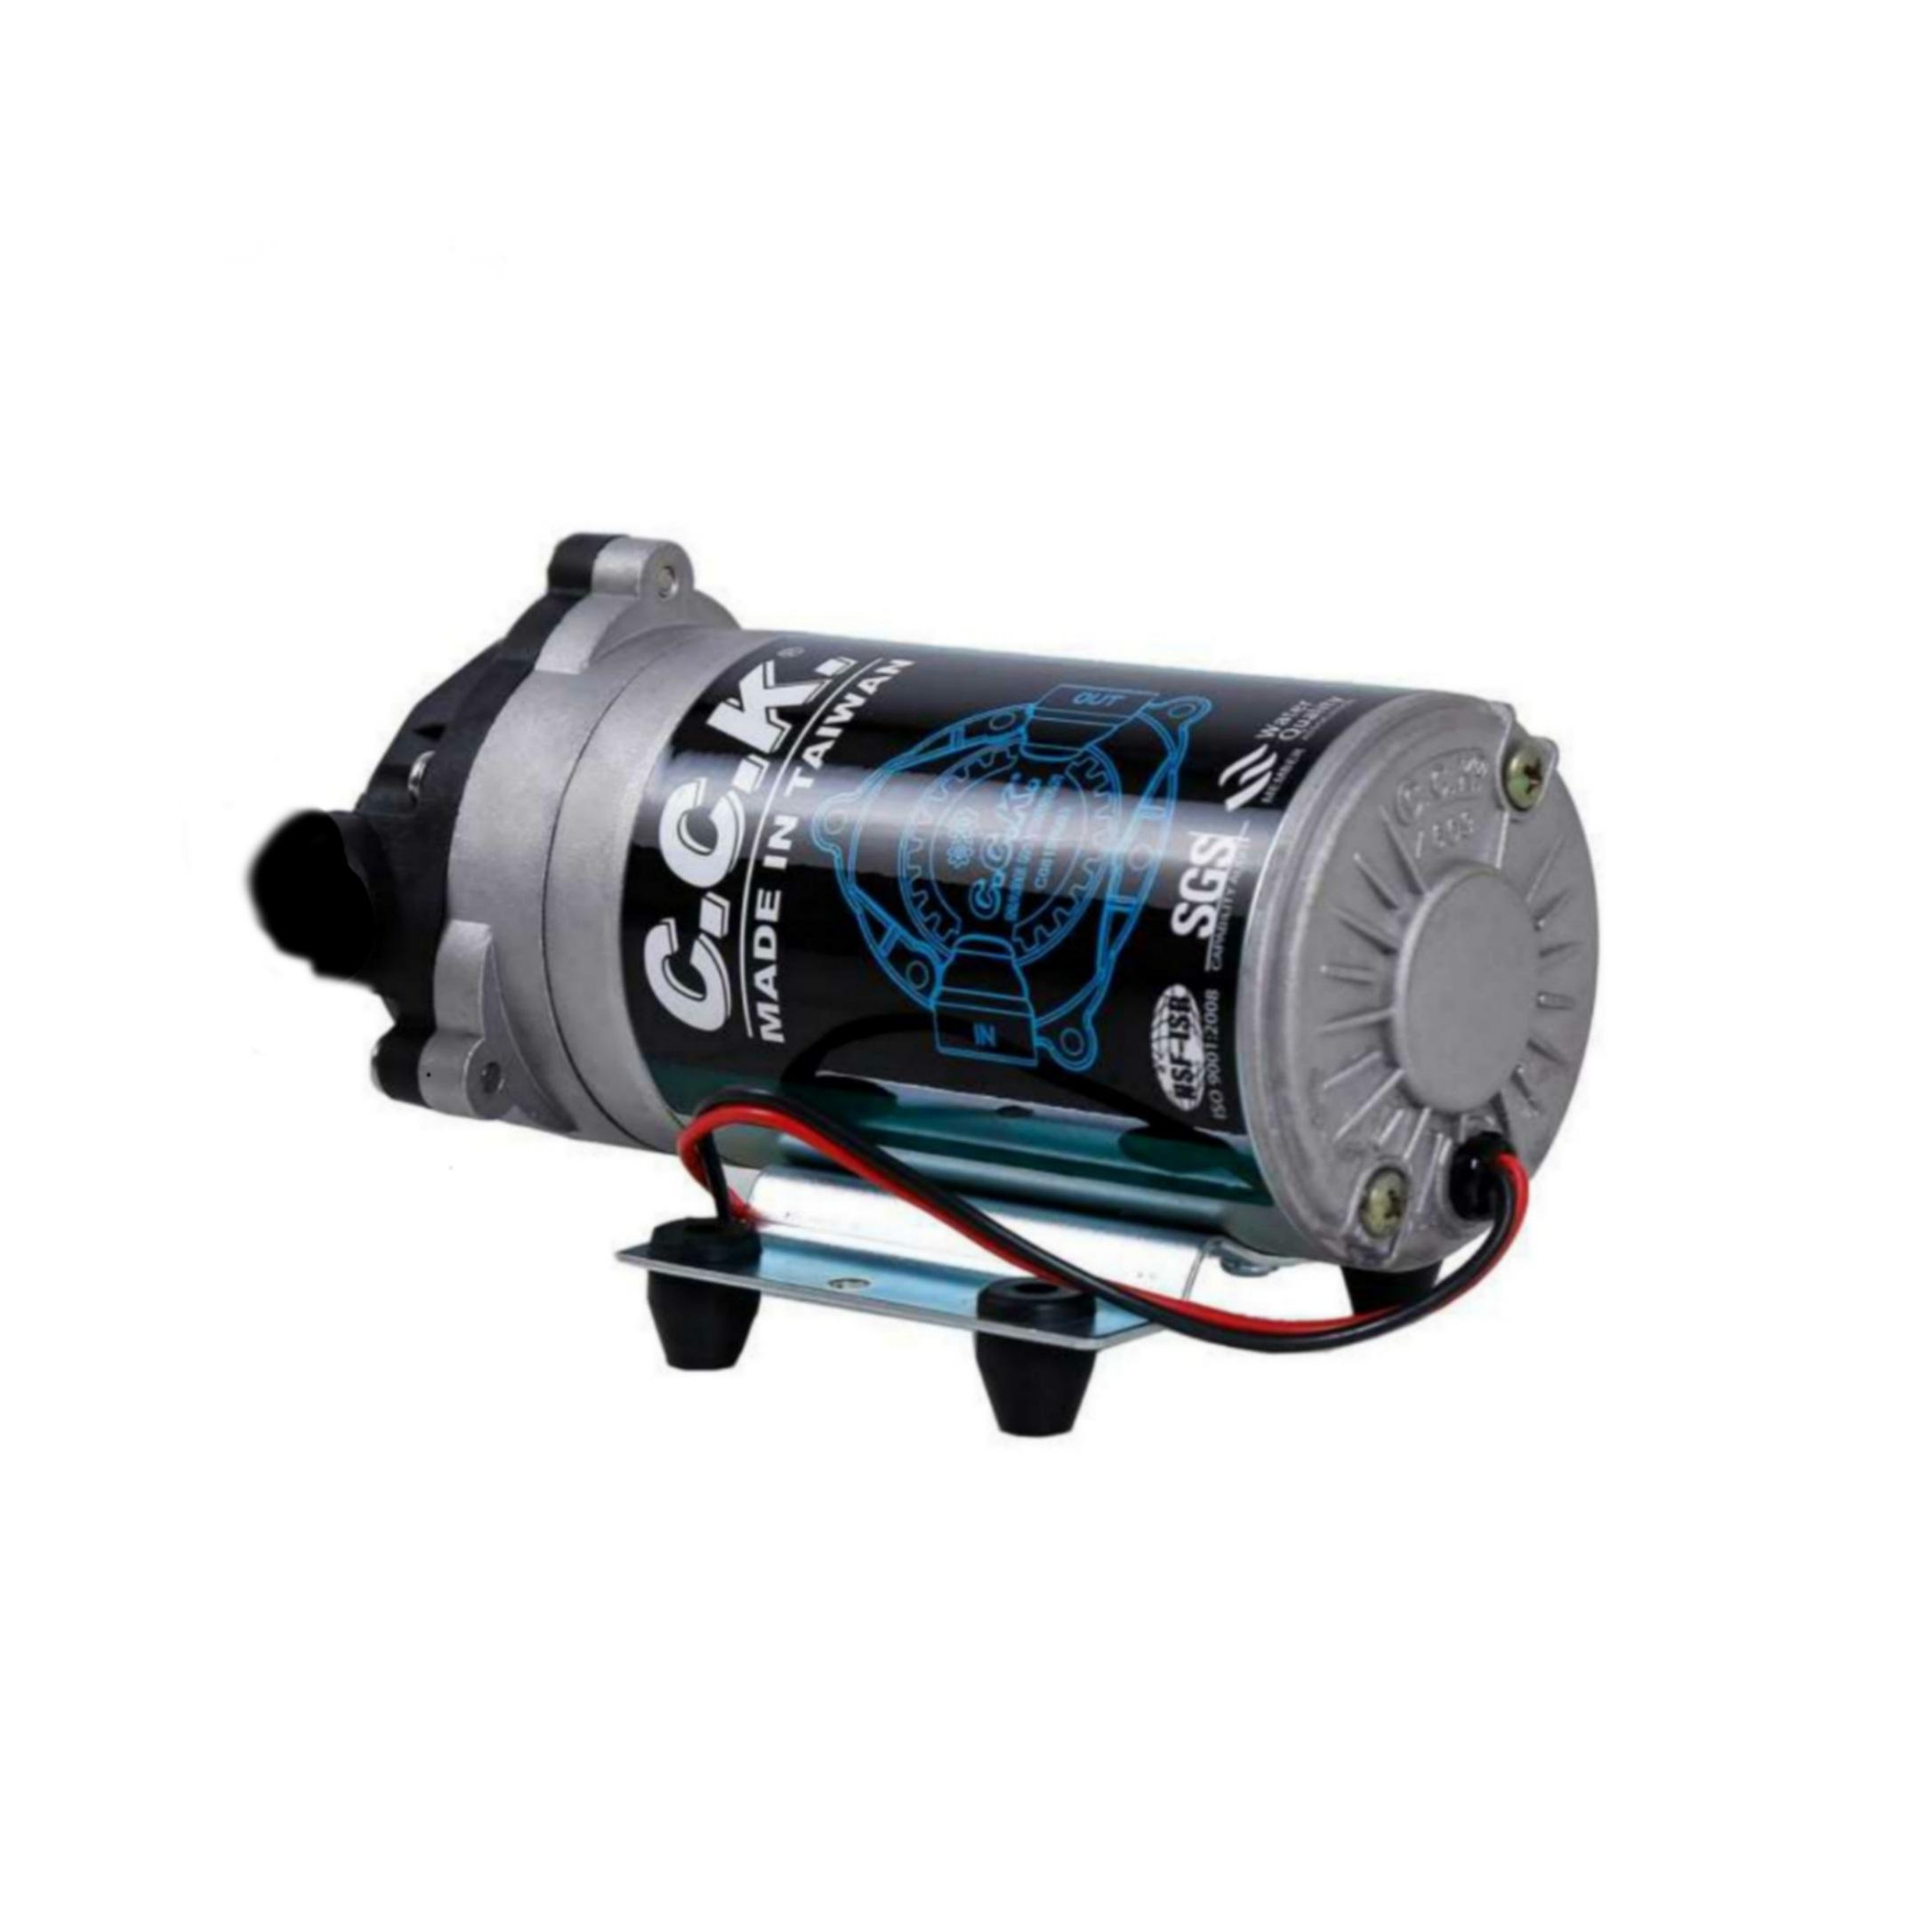 پمپ دستگاه تصفیه کننده آب سی سی کا مدل RO200